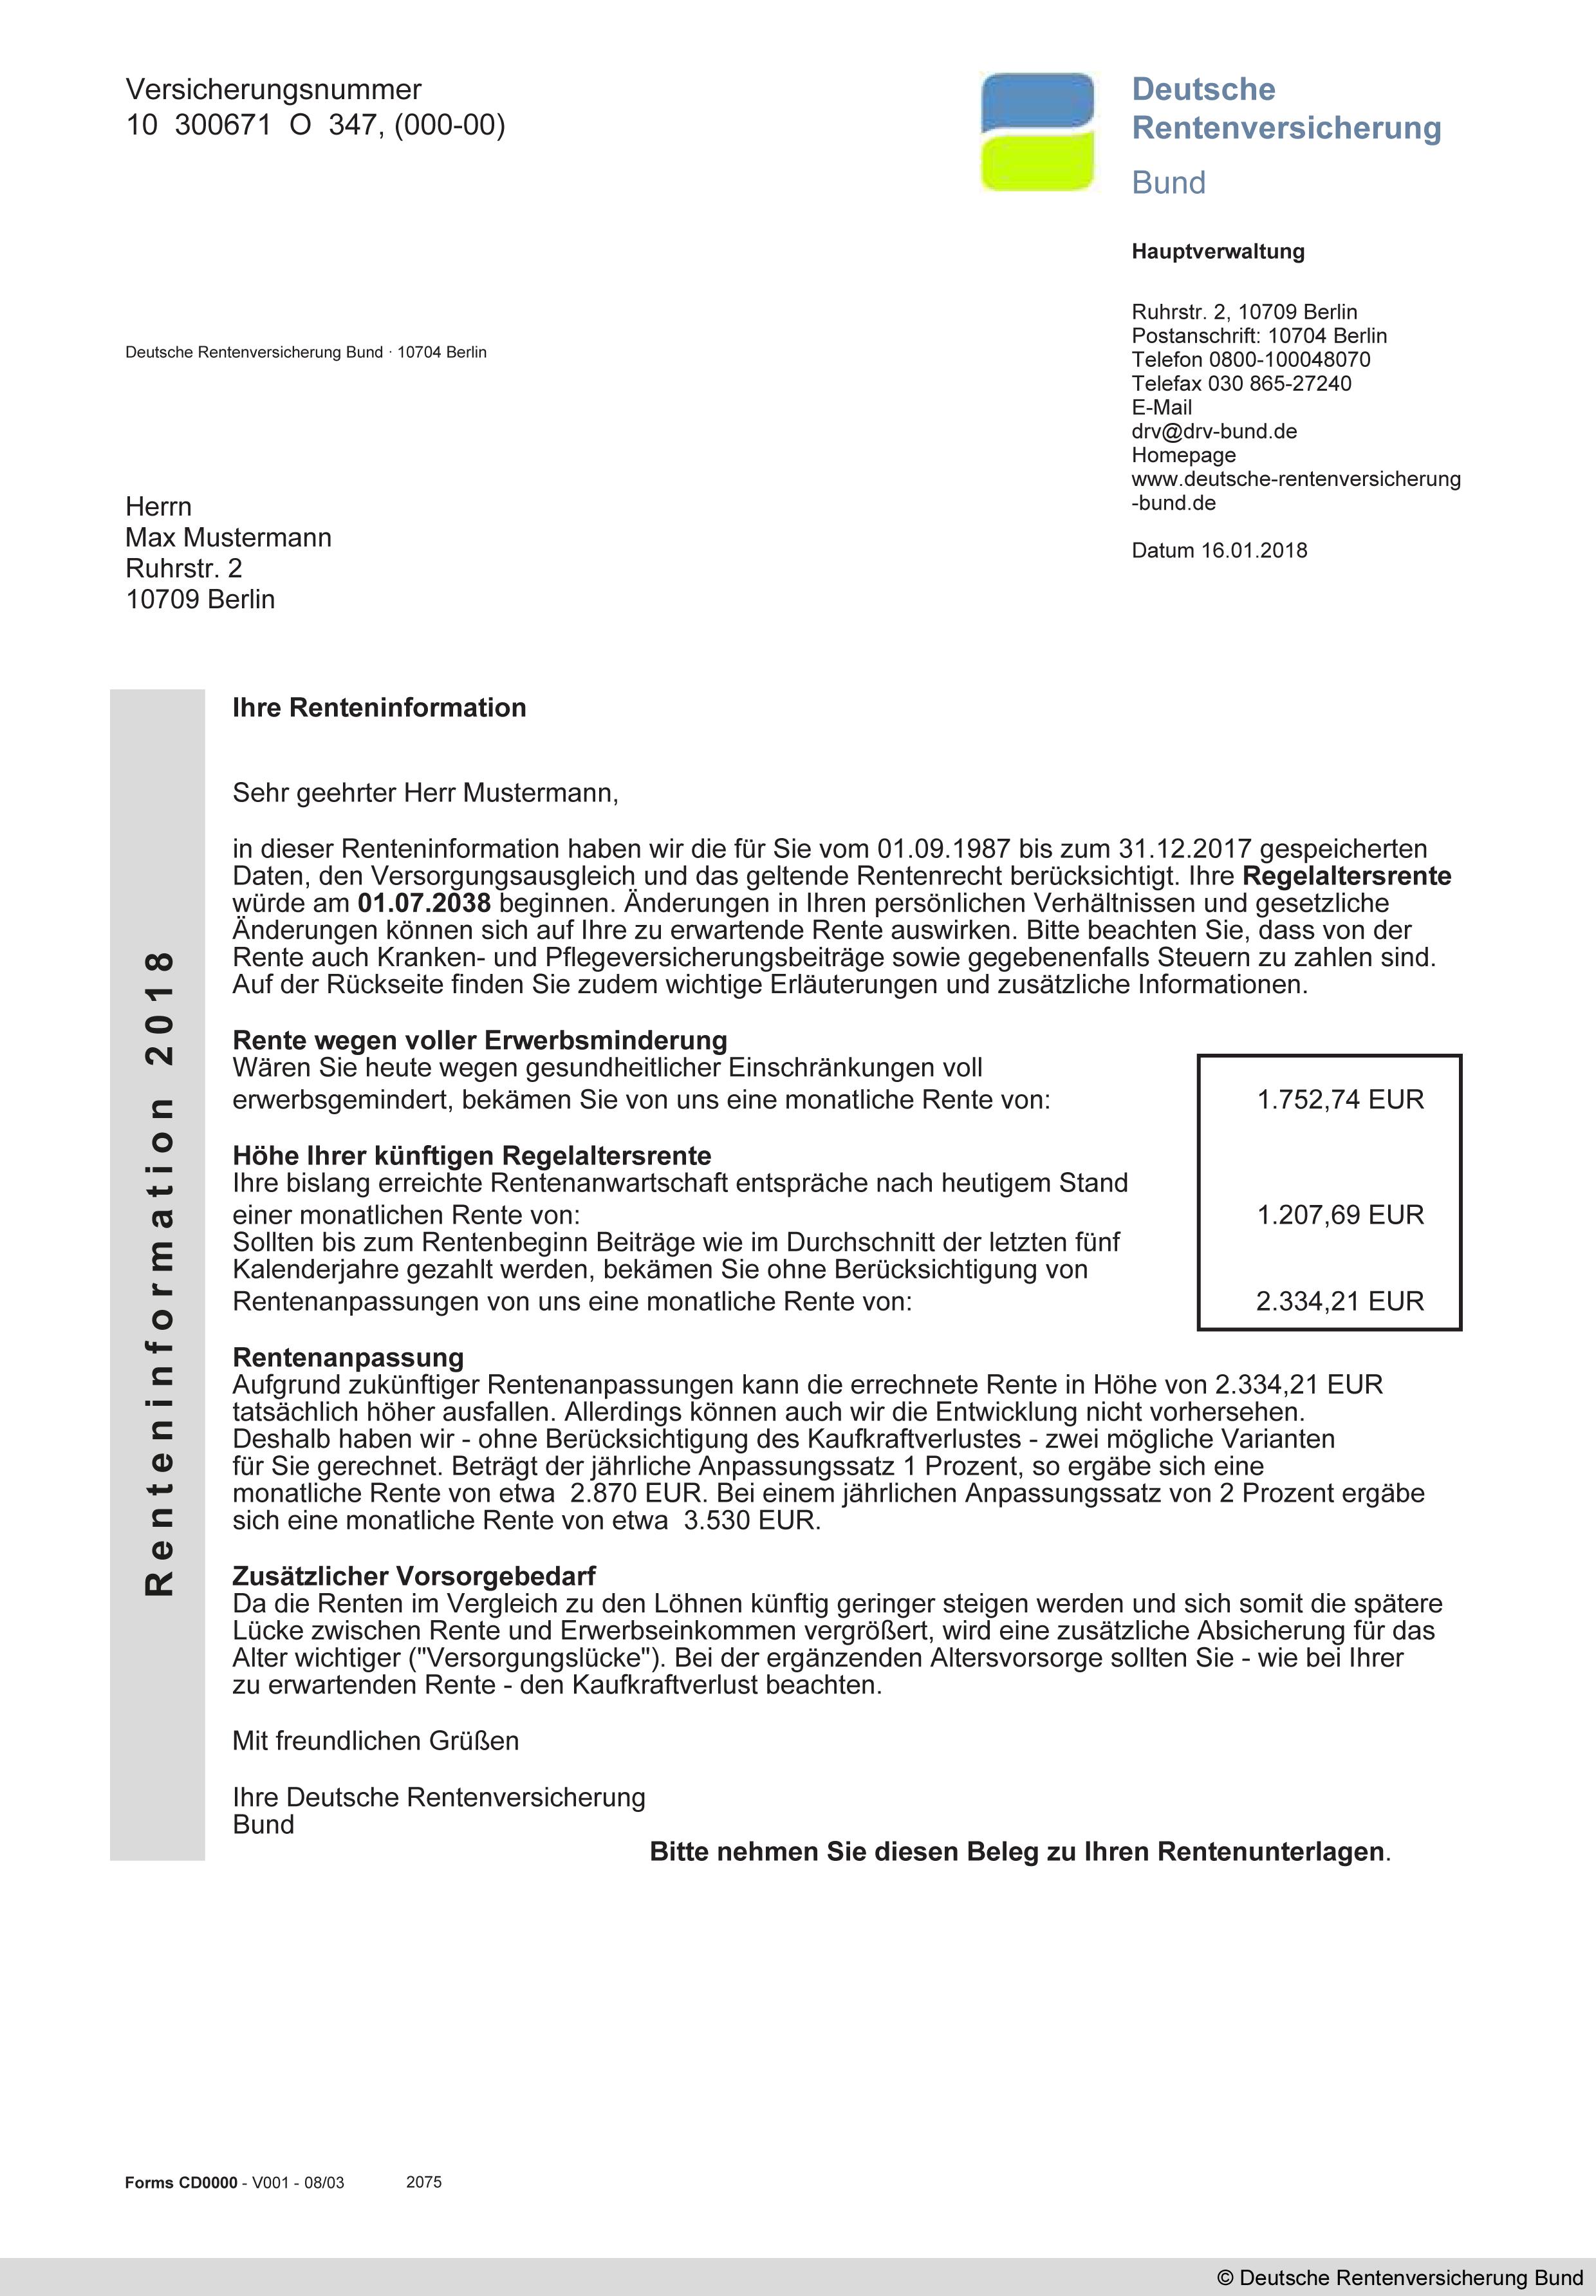 deutsche rentenversicherung bund 10704 berlin